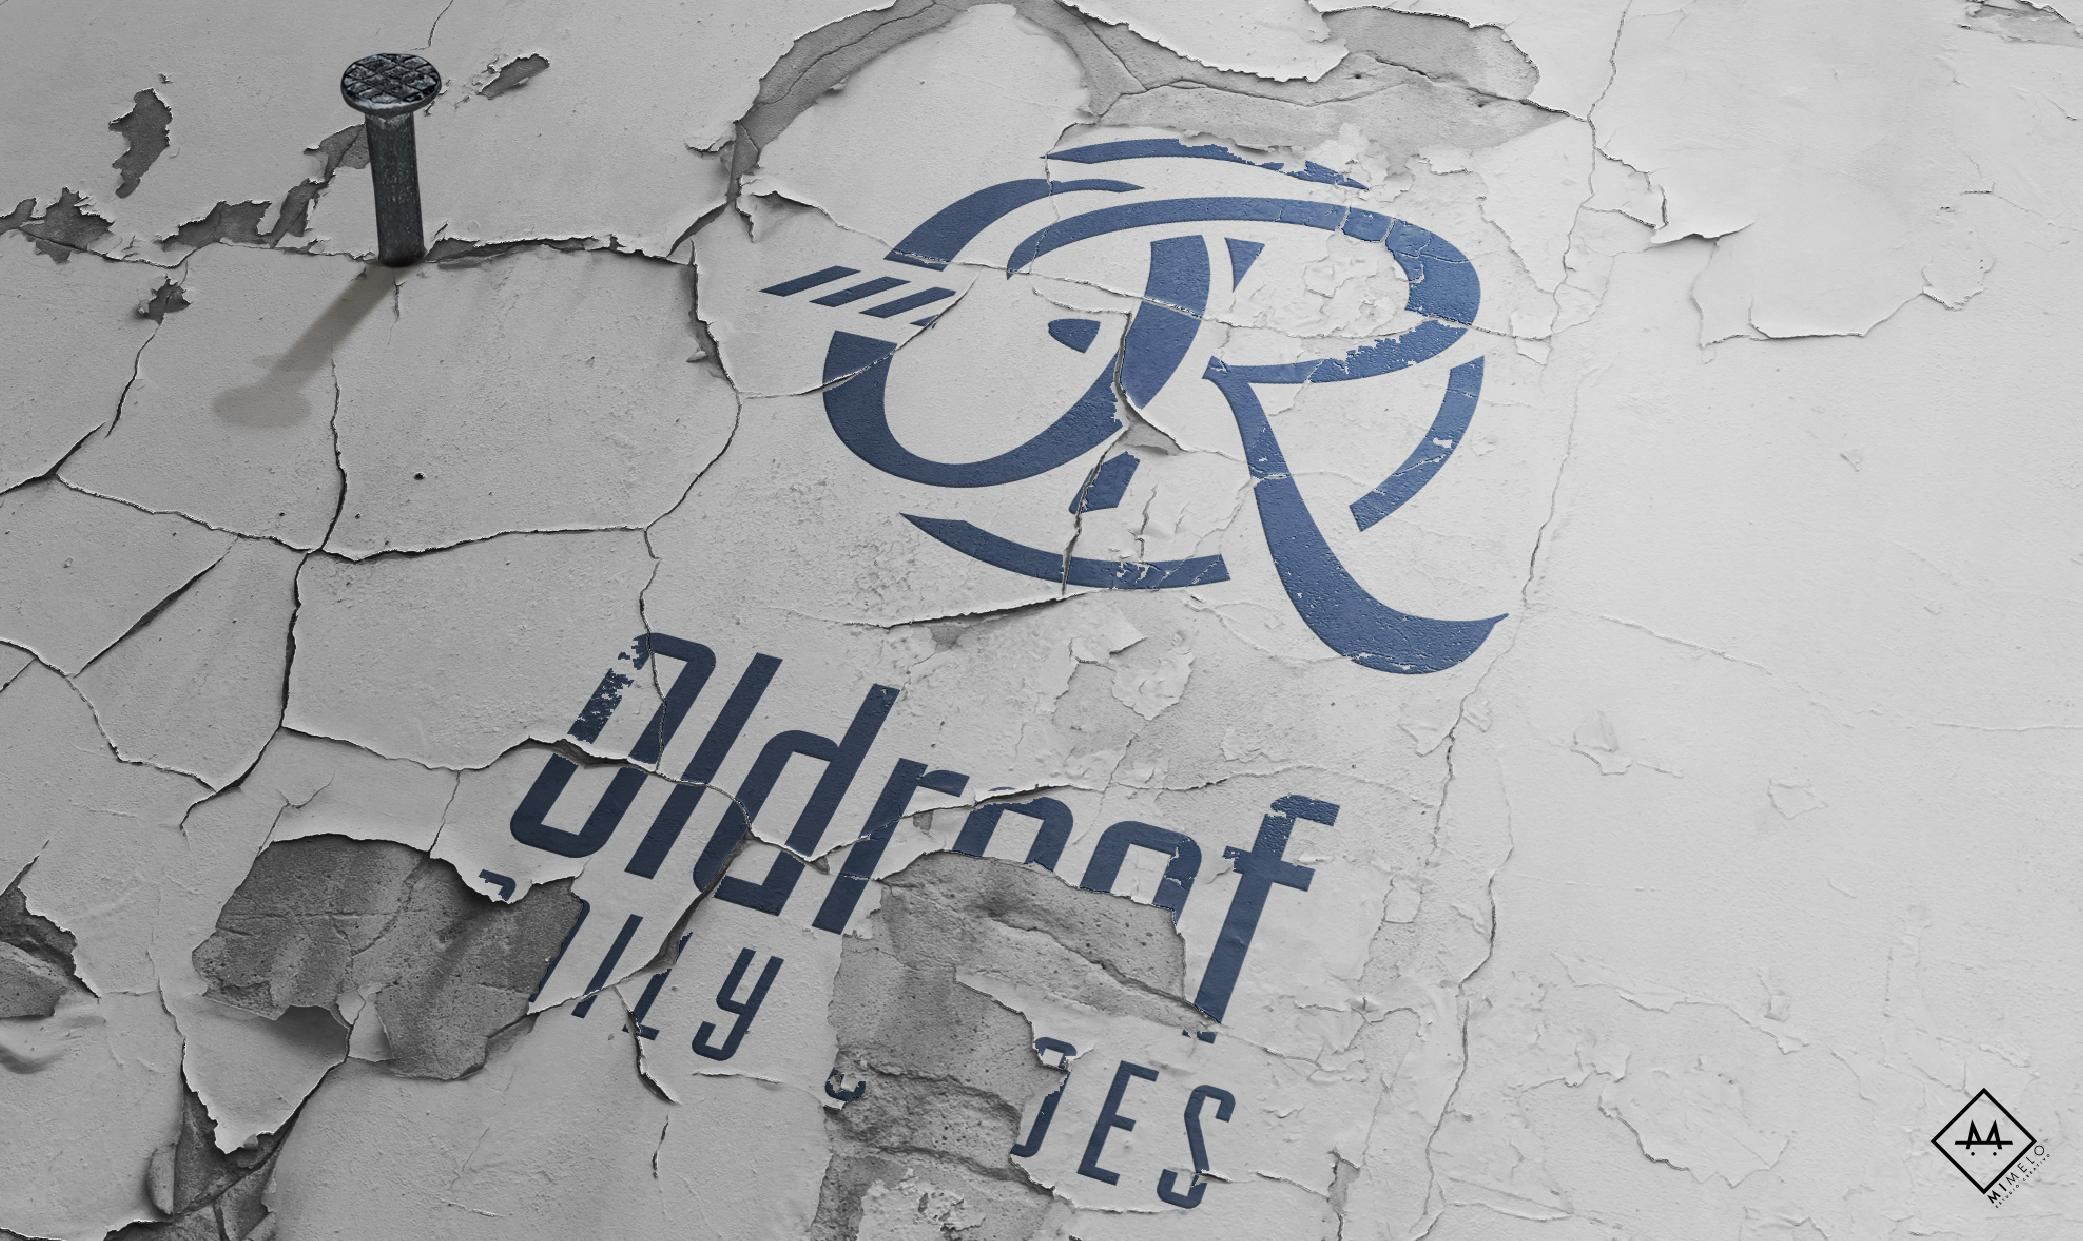 Oldroof - Mimelo Estudio Creativo